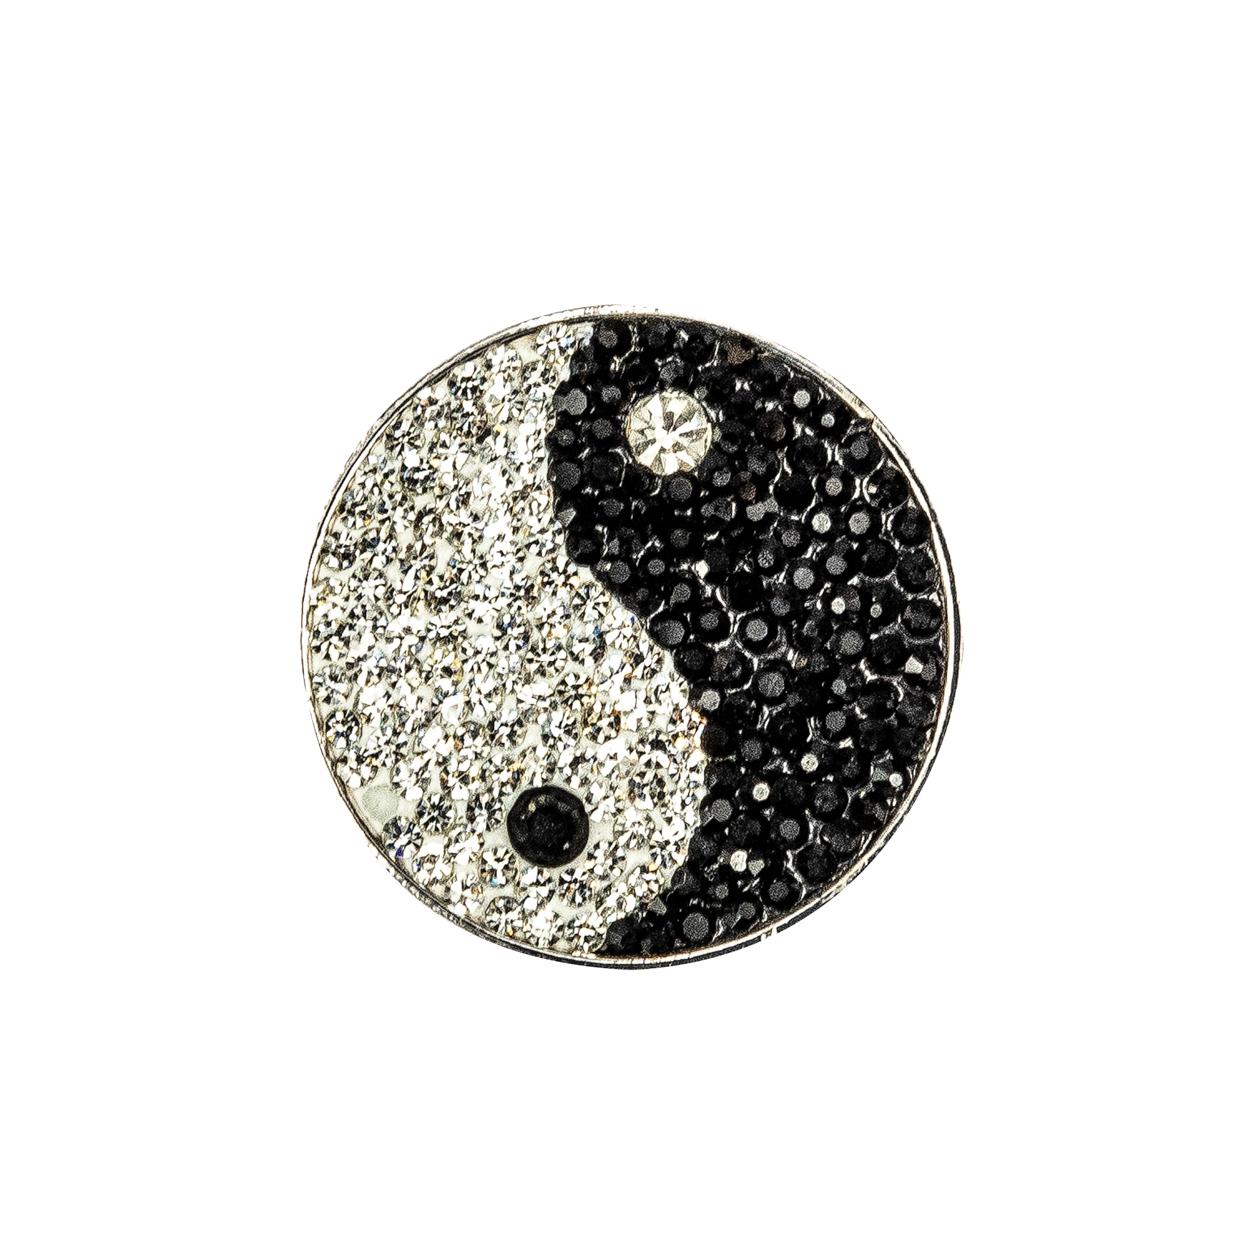 168. Yin to My Yang